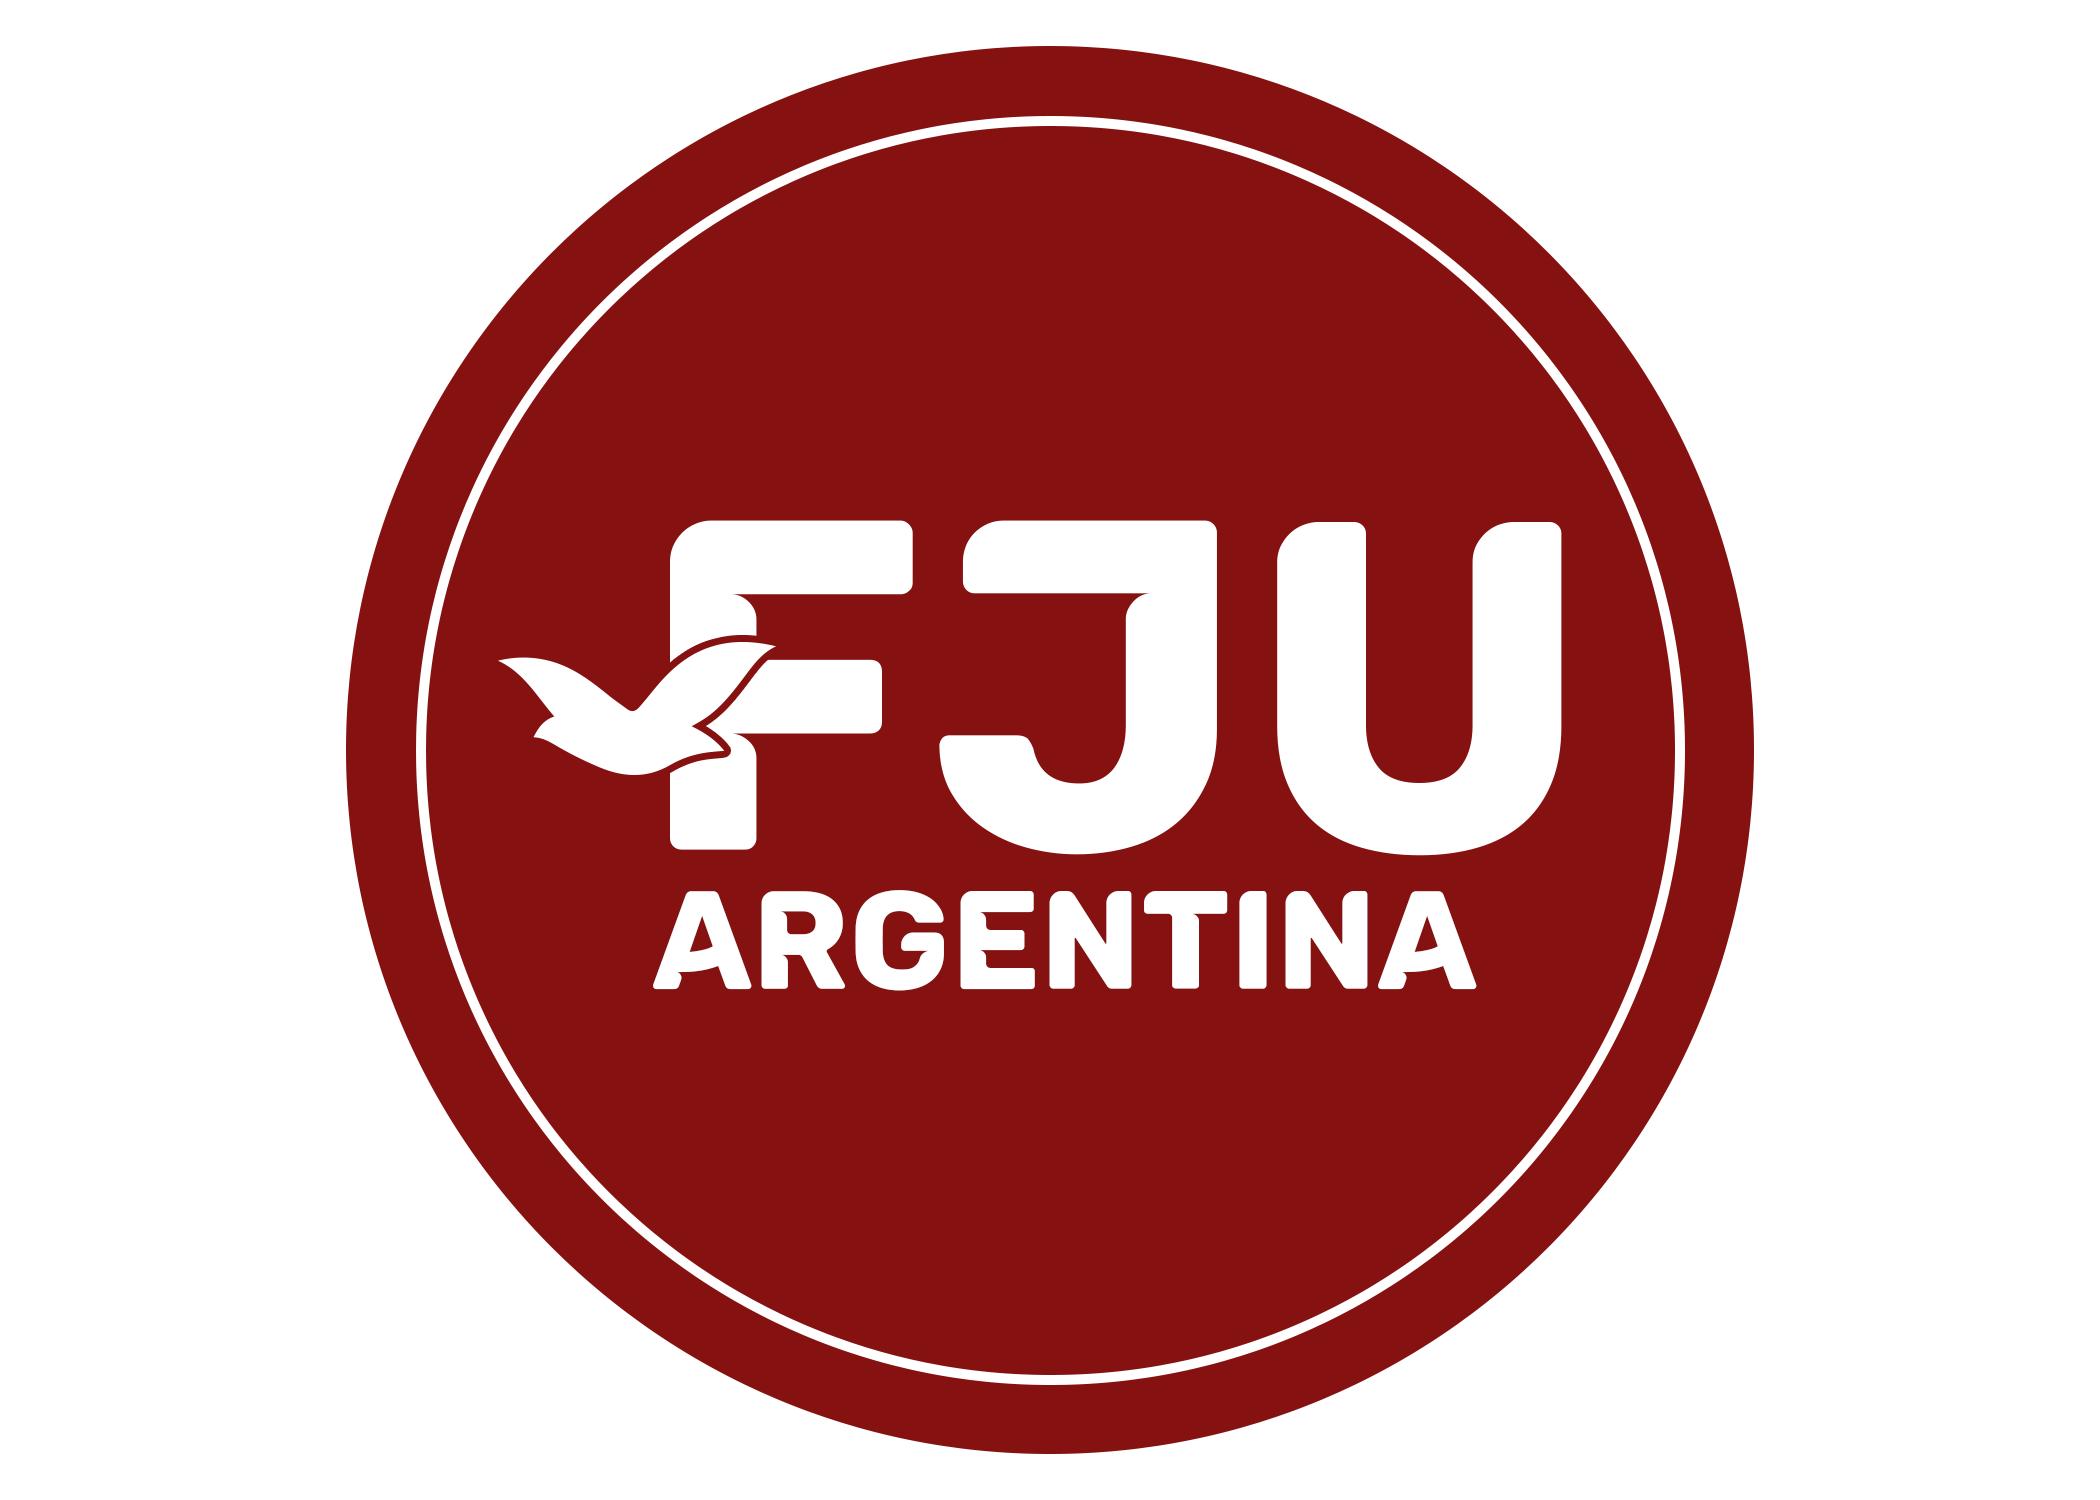 FJU Argentina